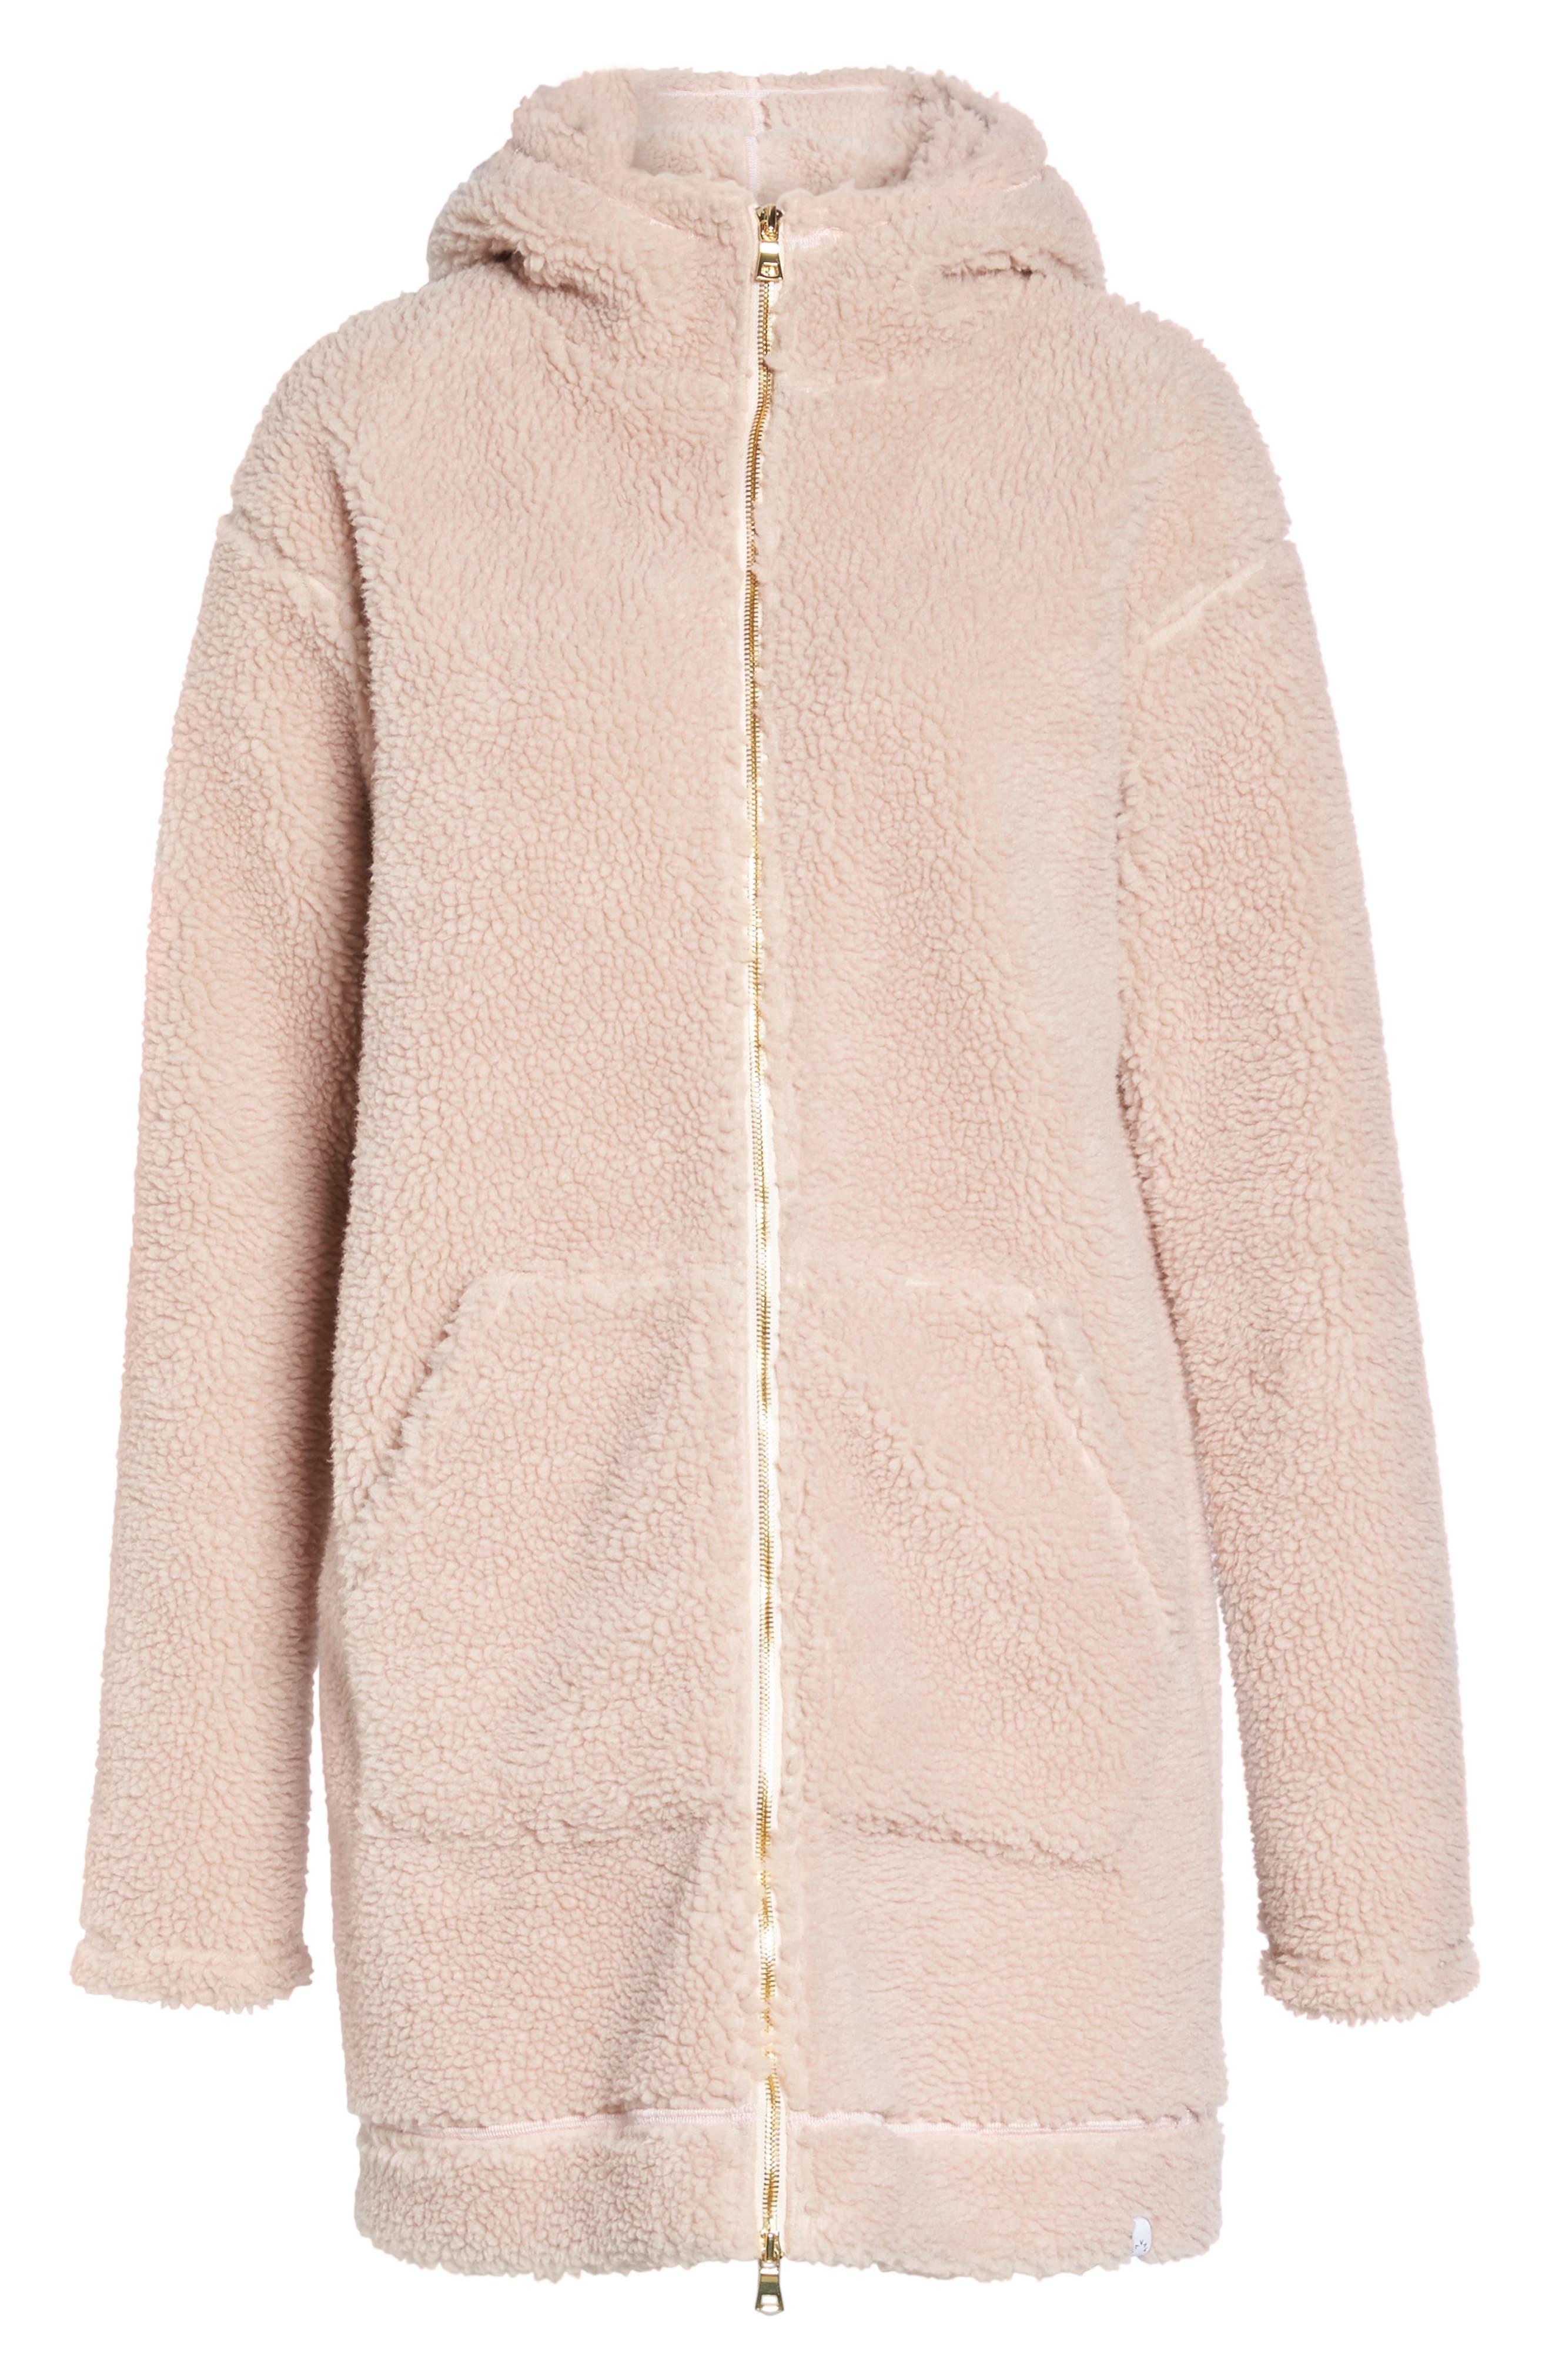 Brea Fleece Jacket,                             Alternate thumbnail 6, color,                             680